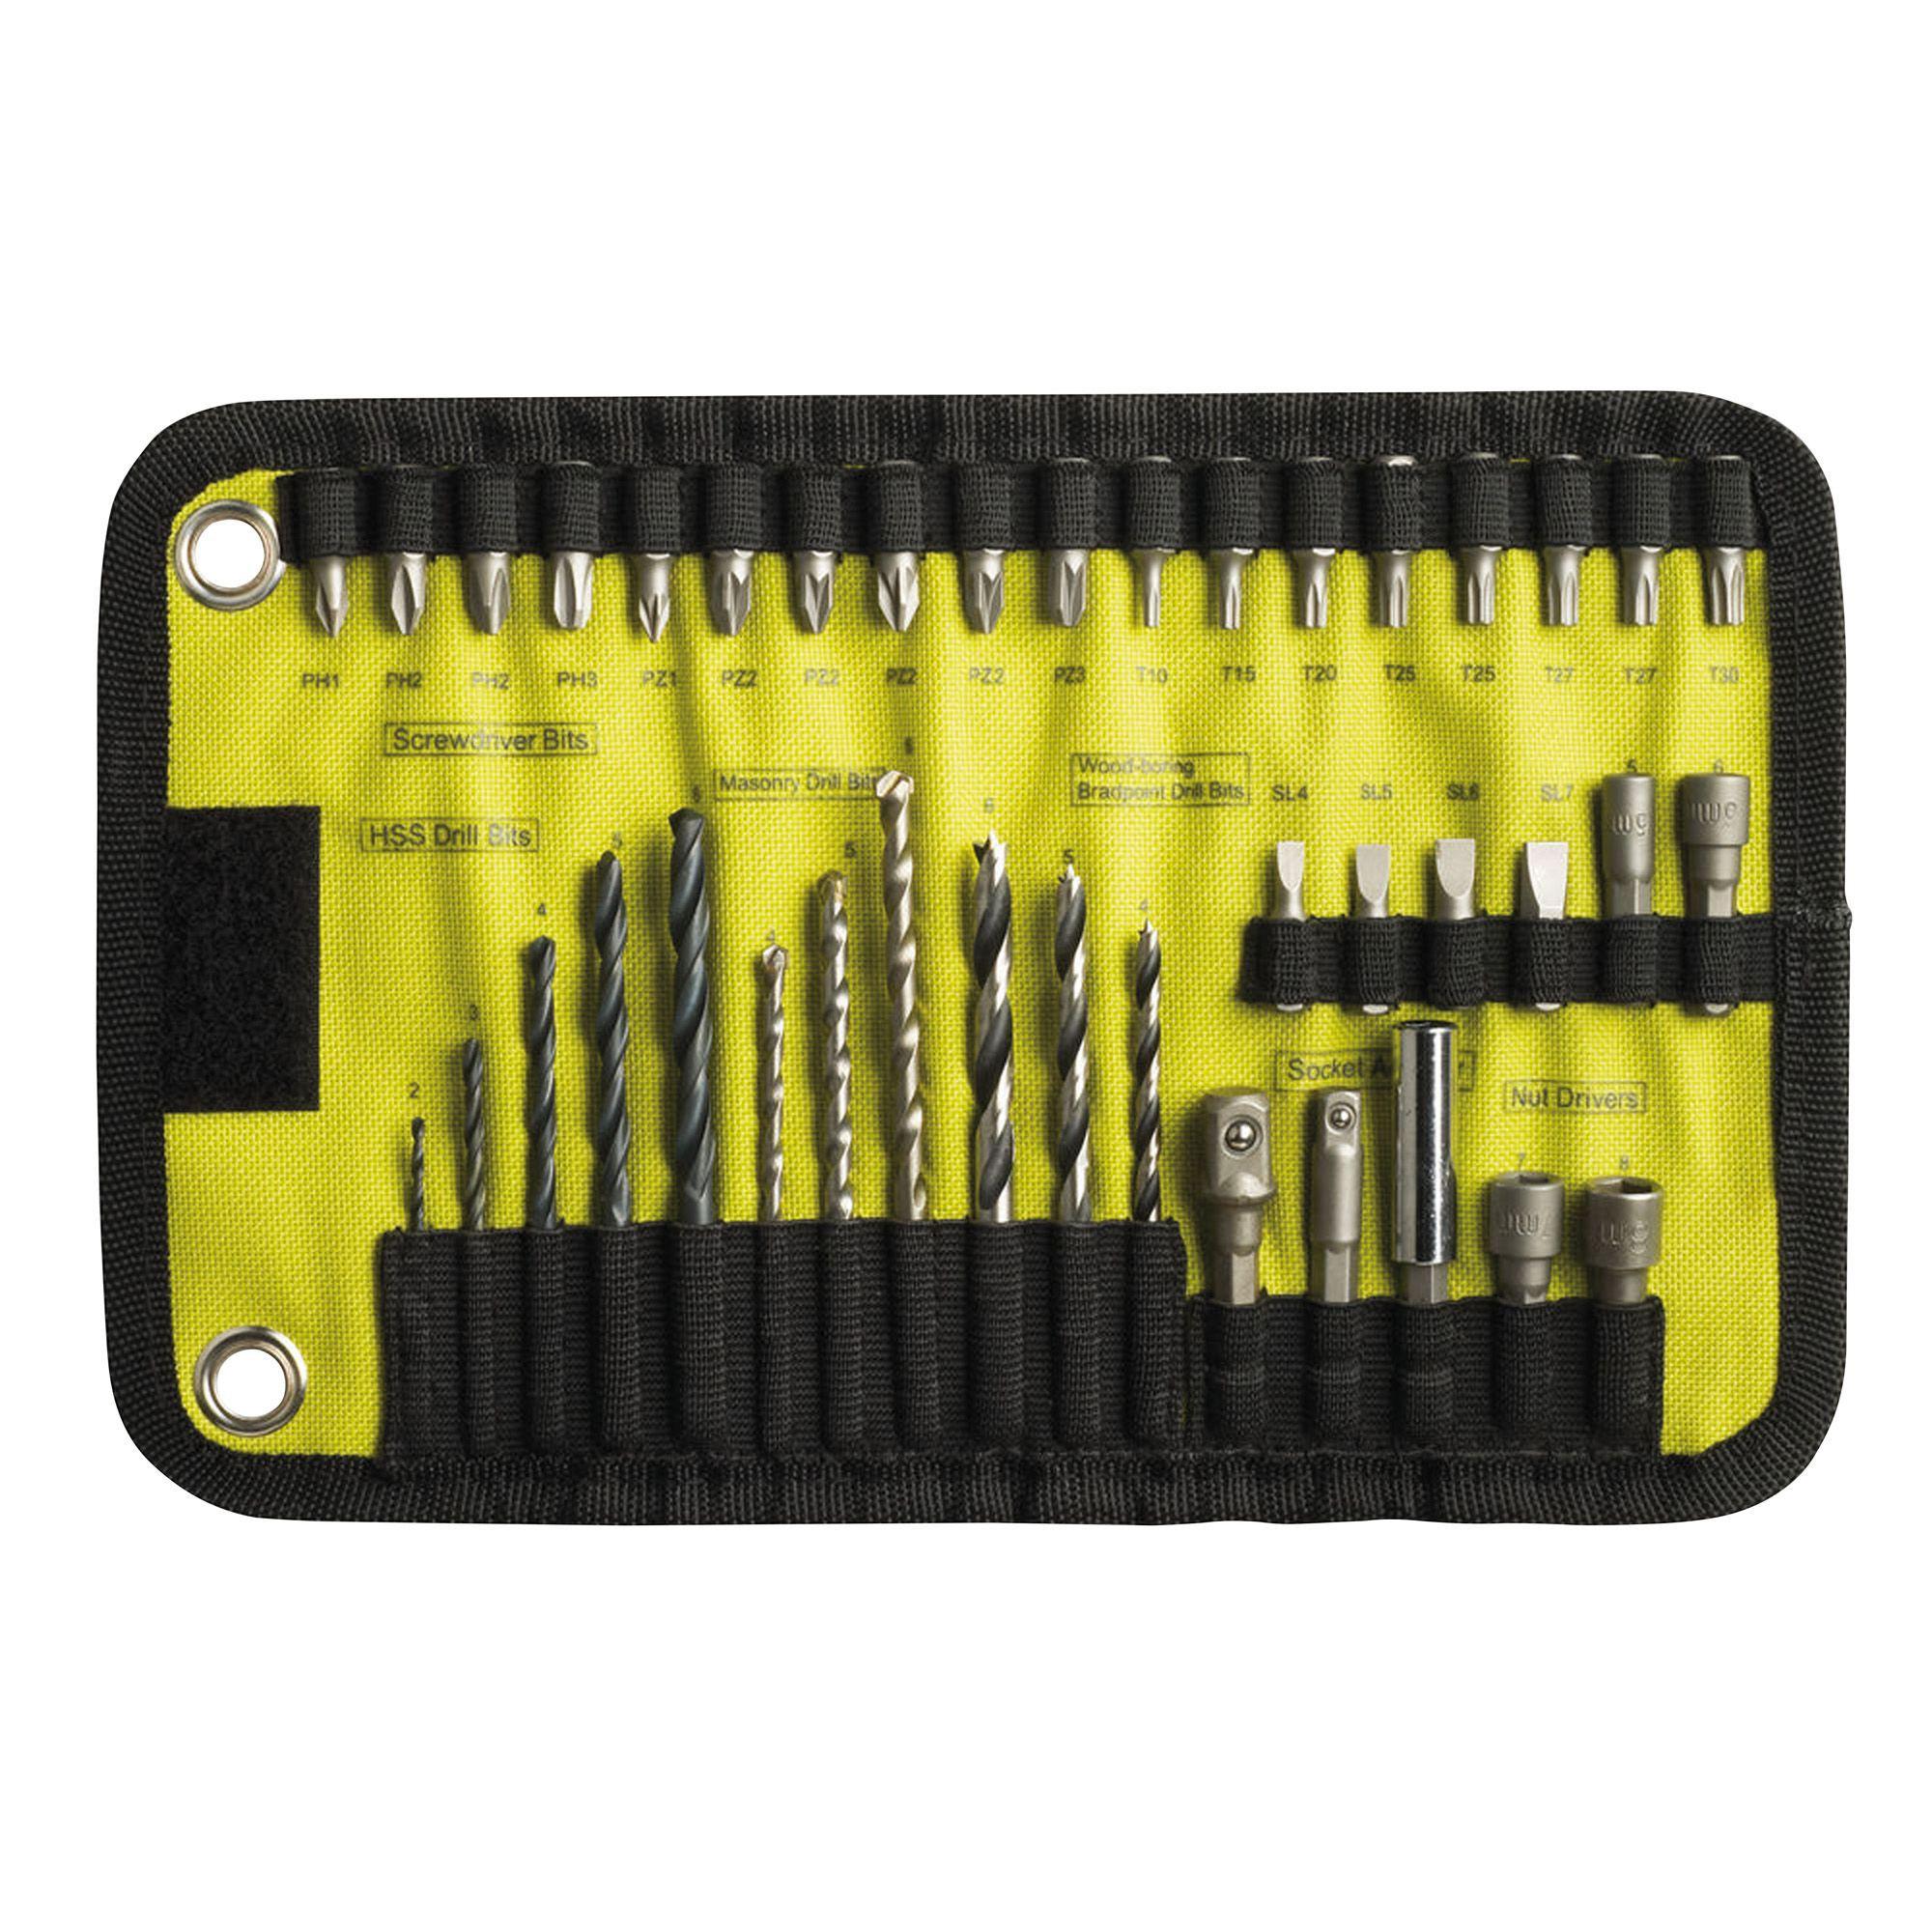 ryobi drill bit set. ryobi 2-8mm drill bit accessory set, 40 piece | departments diy at b\u0026q. set